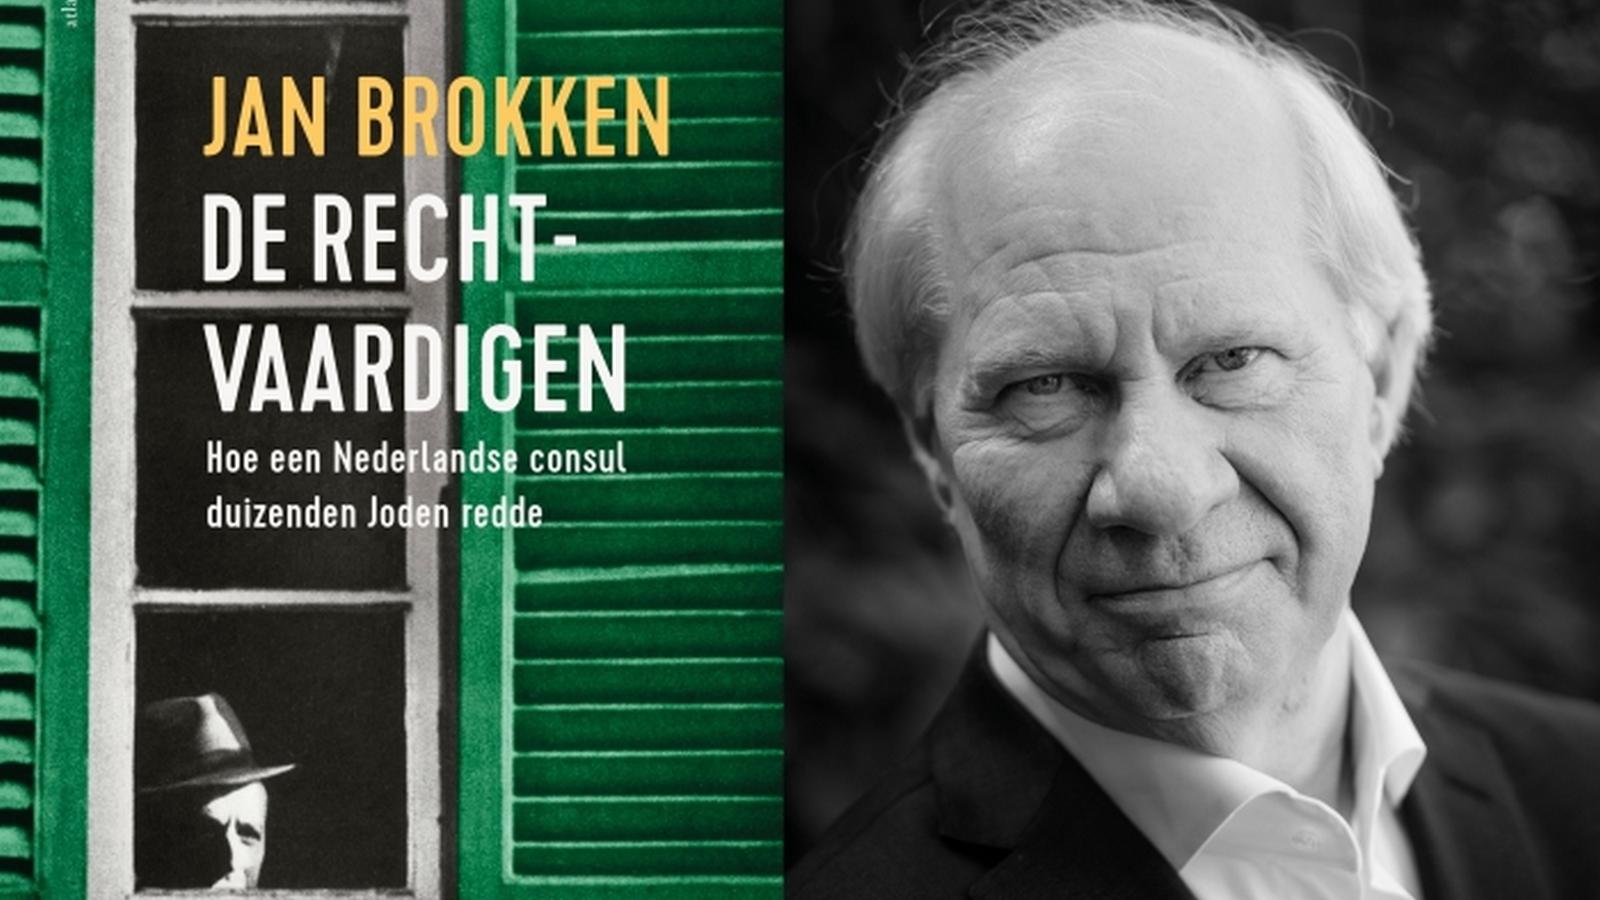 De Rechtvaardigen: Jan Brokken